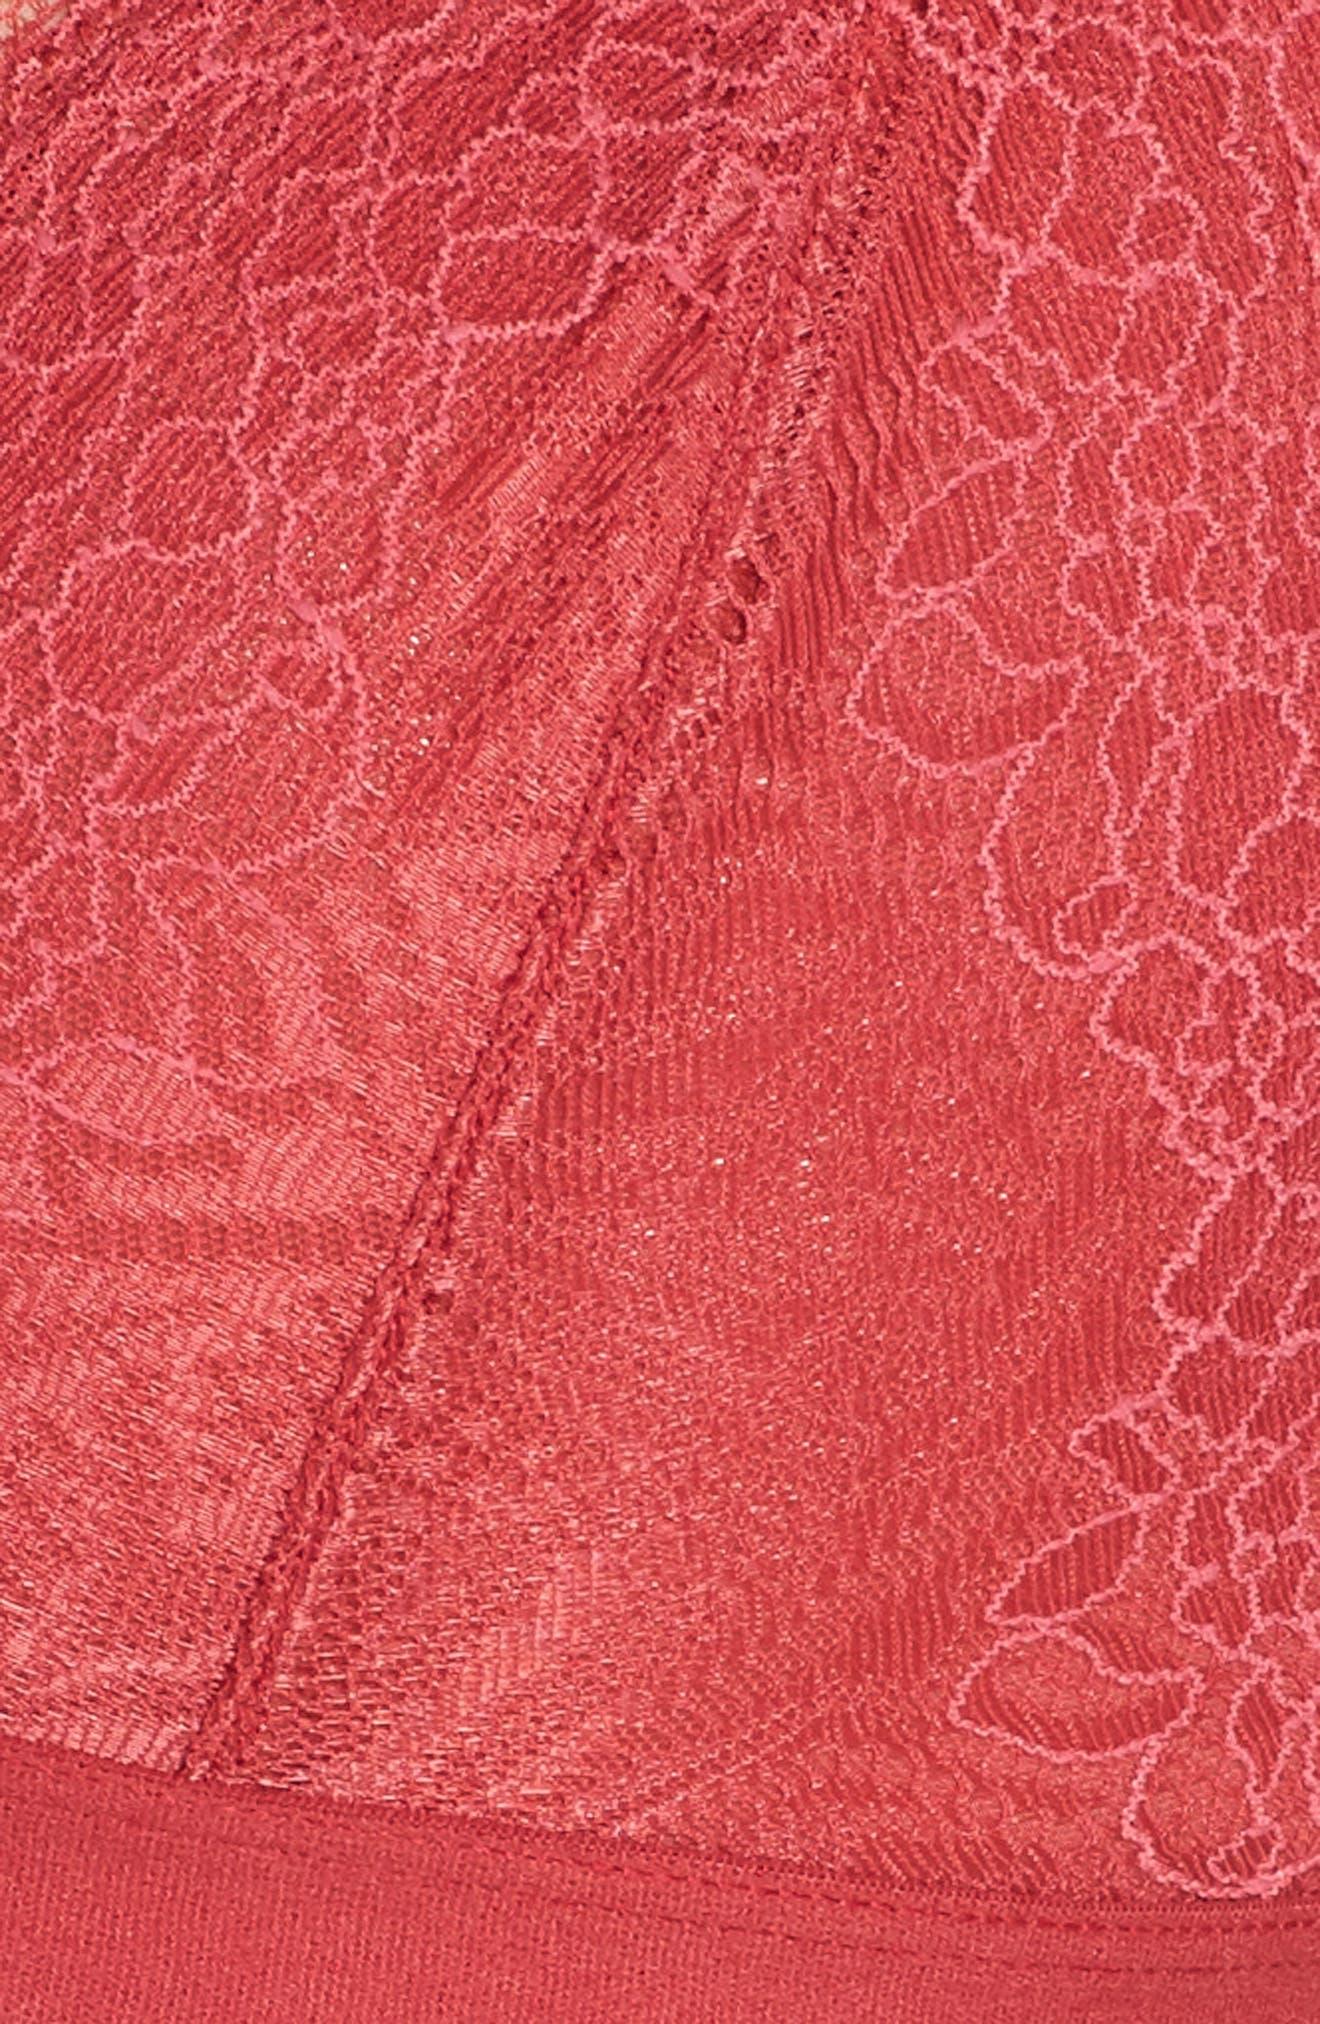 Lace Bralette,                             Alternate thumbnail 6, color,                             DEEP CARMINE